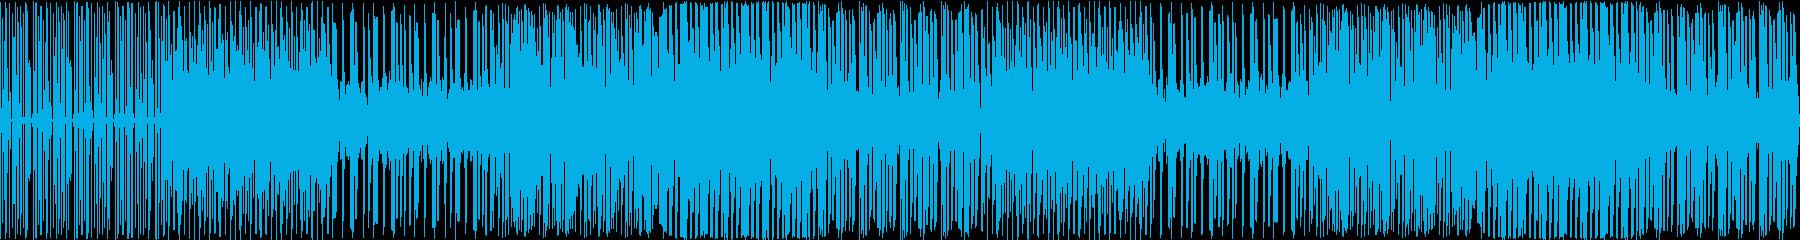 4小節のラップバトルの再生済みの波形